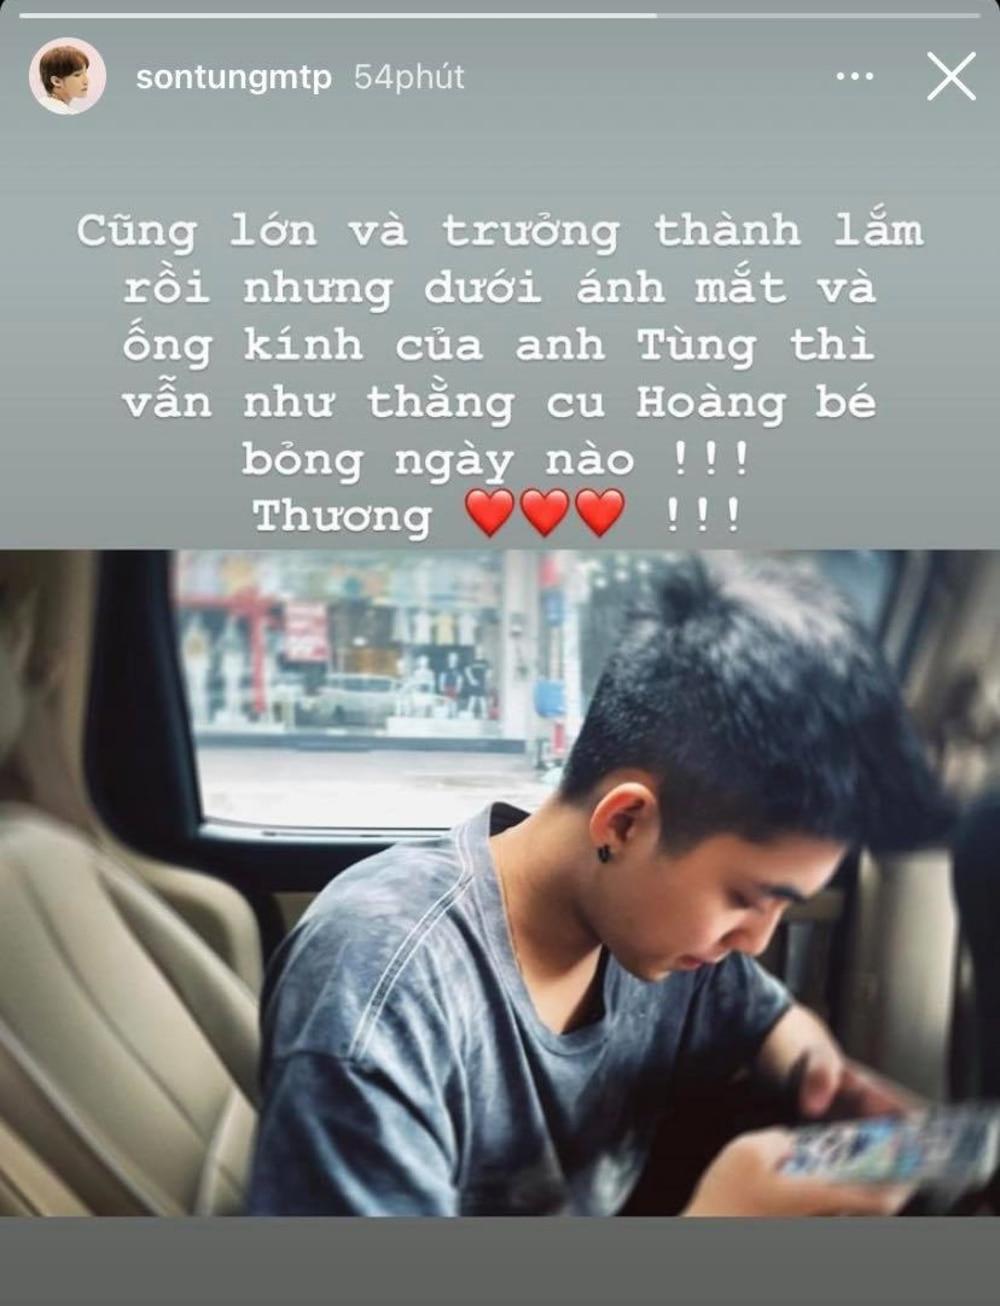 Sơn Tùng M-TP khiến dân mạng tan chảy với lời nhắn ngọt ngào gửi đến em trai Việt Hoàng 1